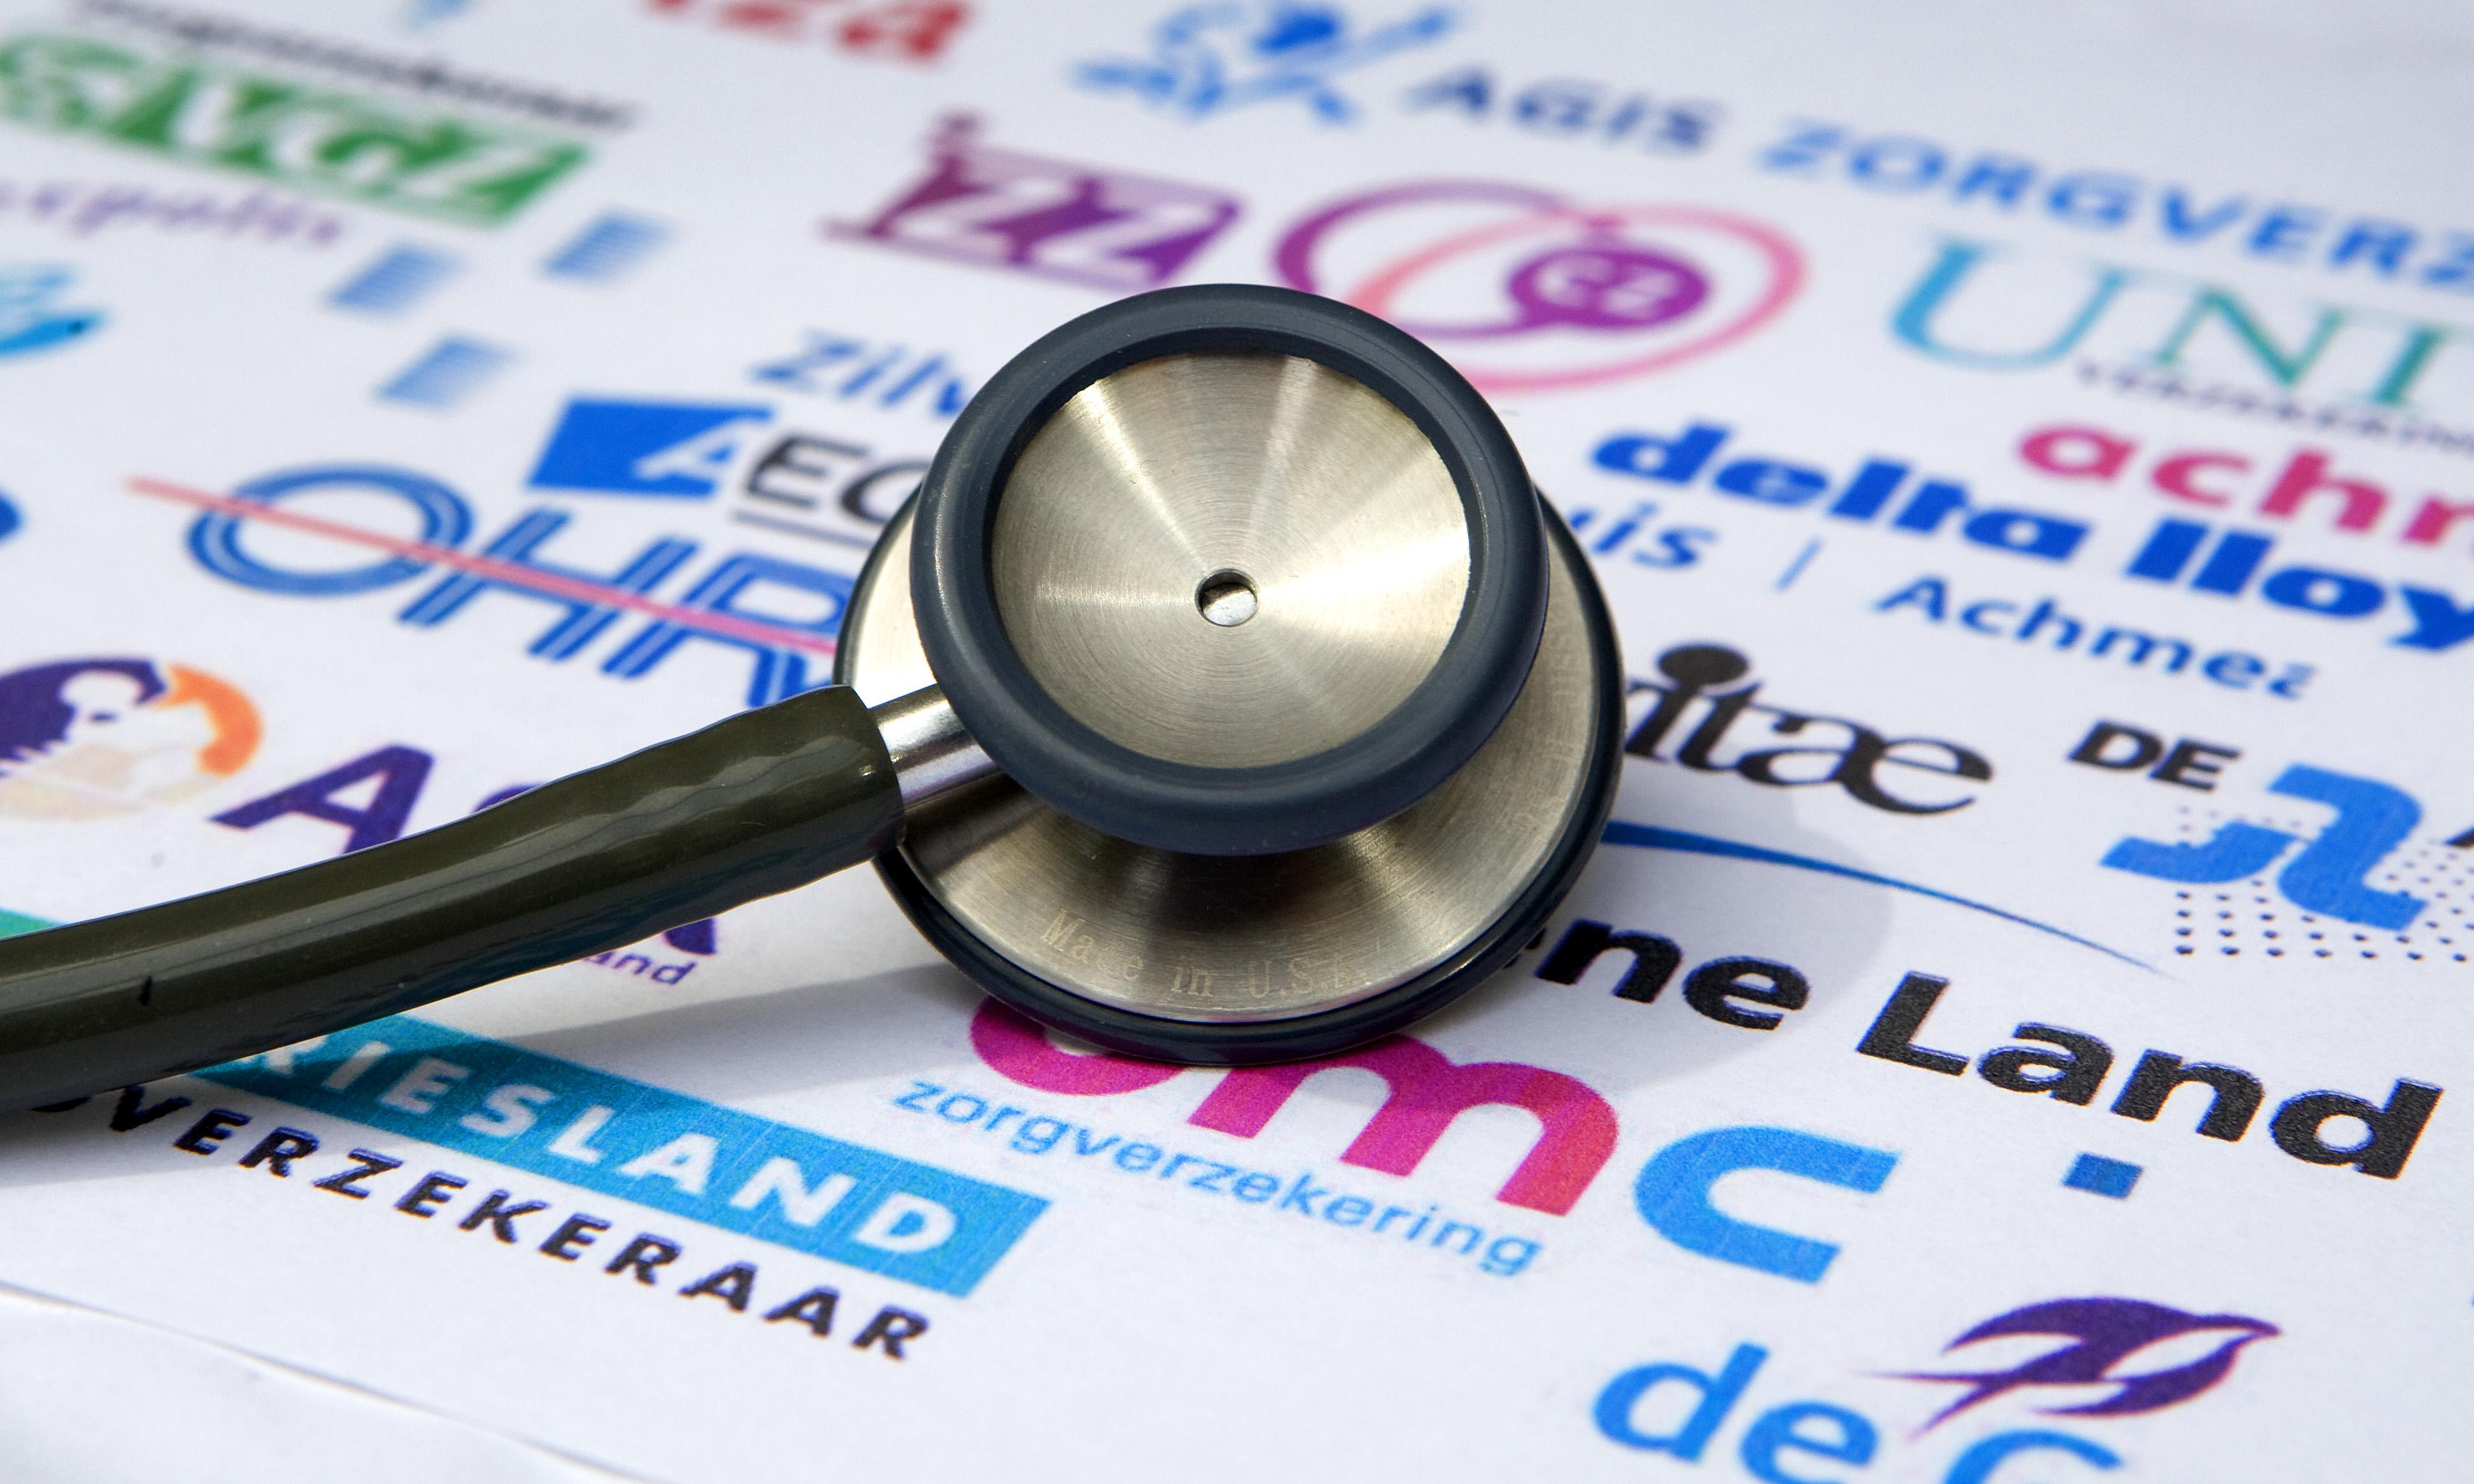 Voetzorg bij diabetes: regels en vergoedingen in 2018